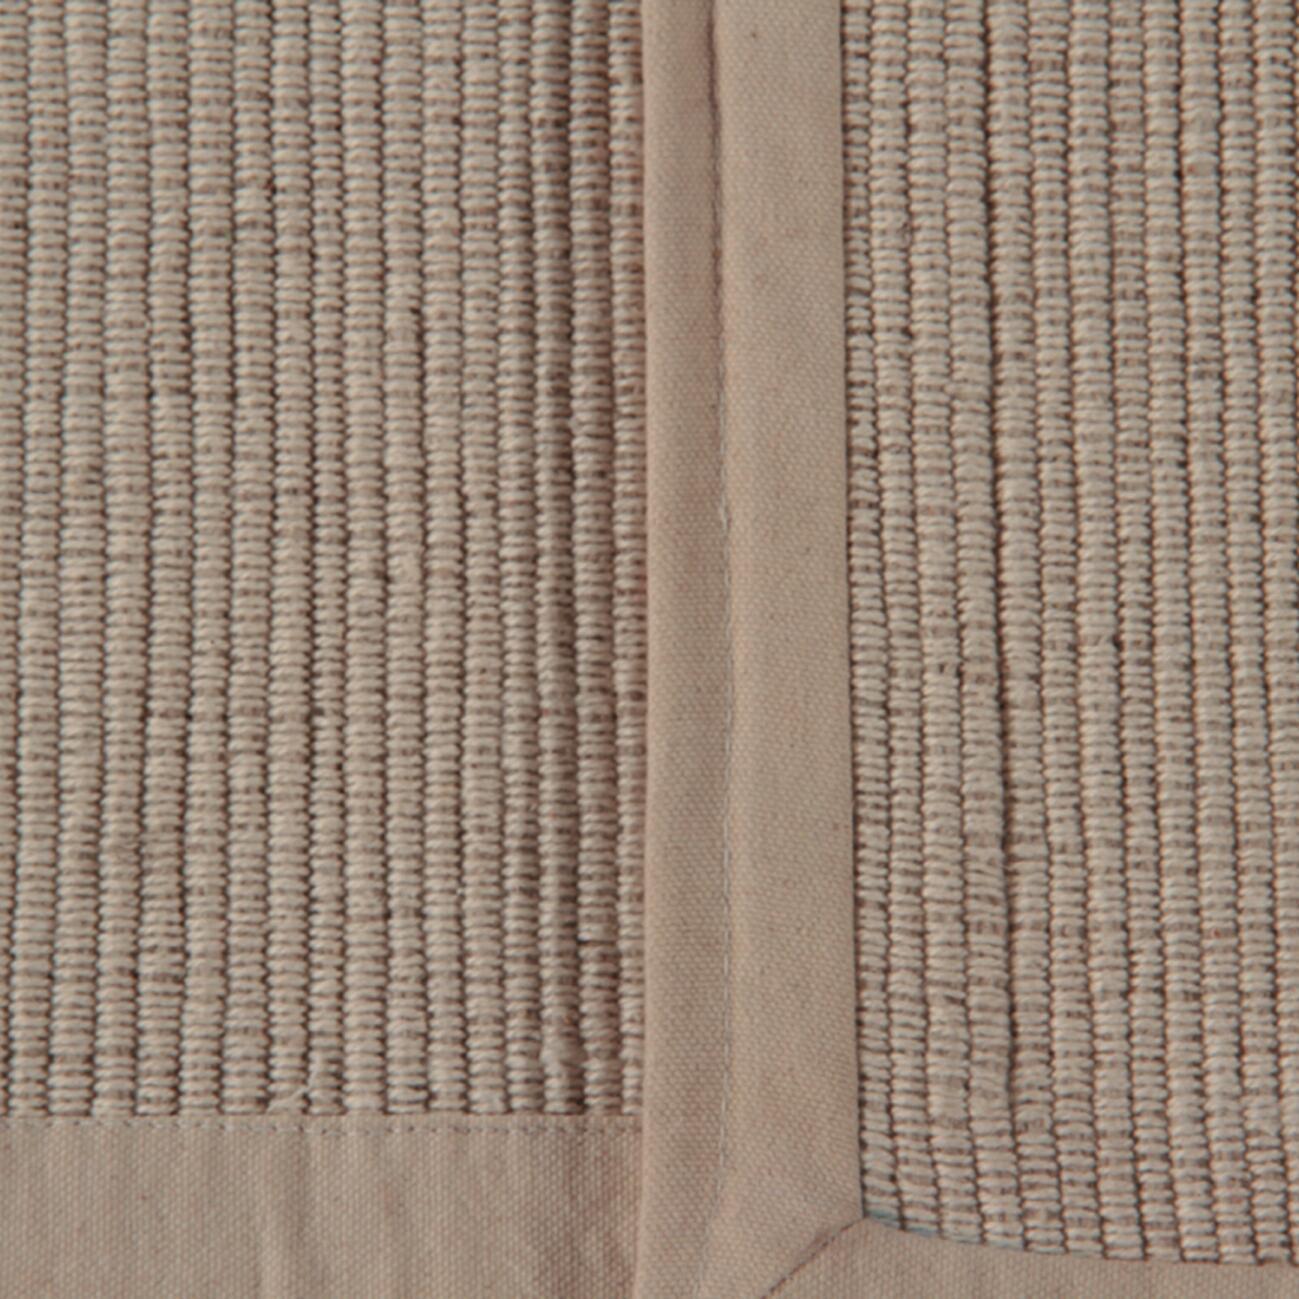 Passatoia Nevra in cotone, avorio, 50x110 - 4